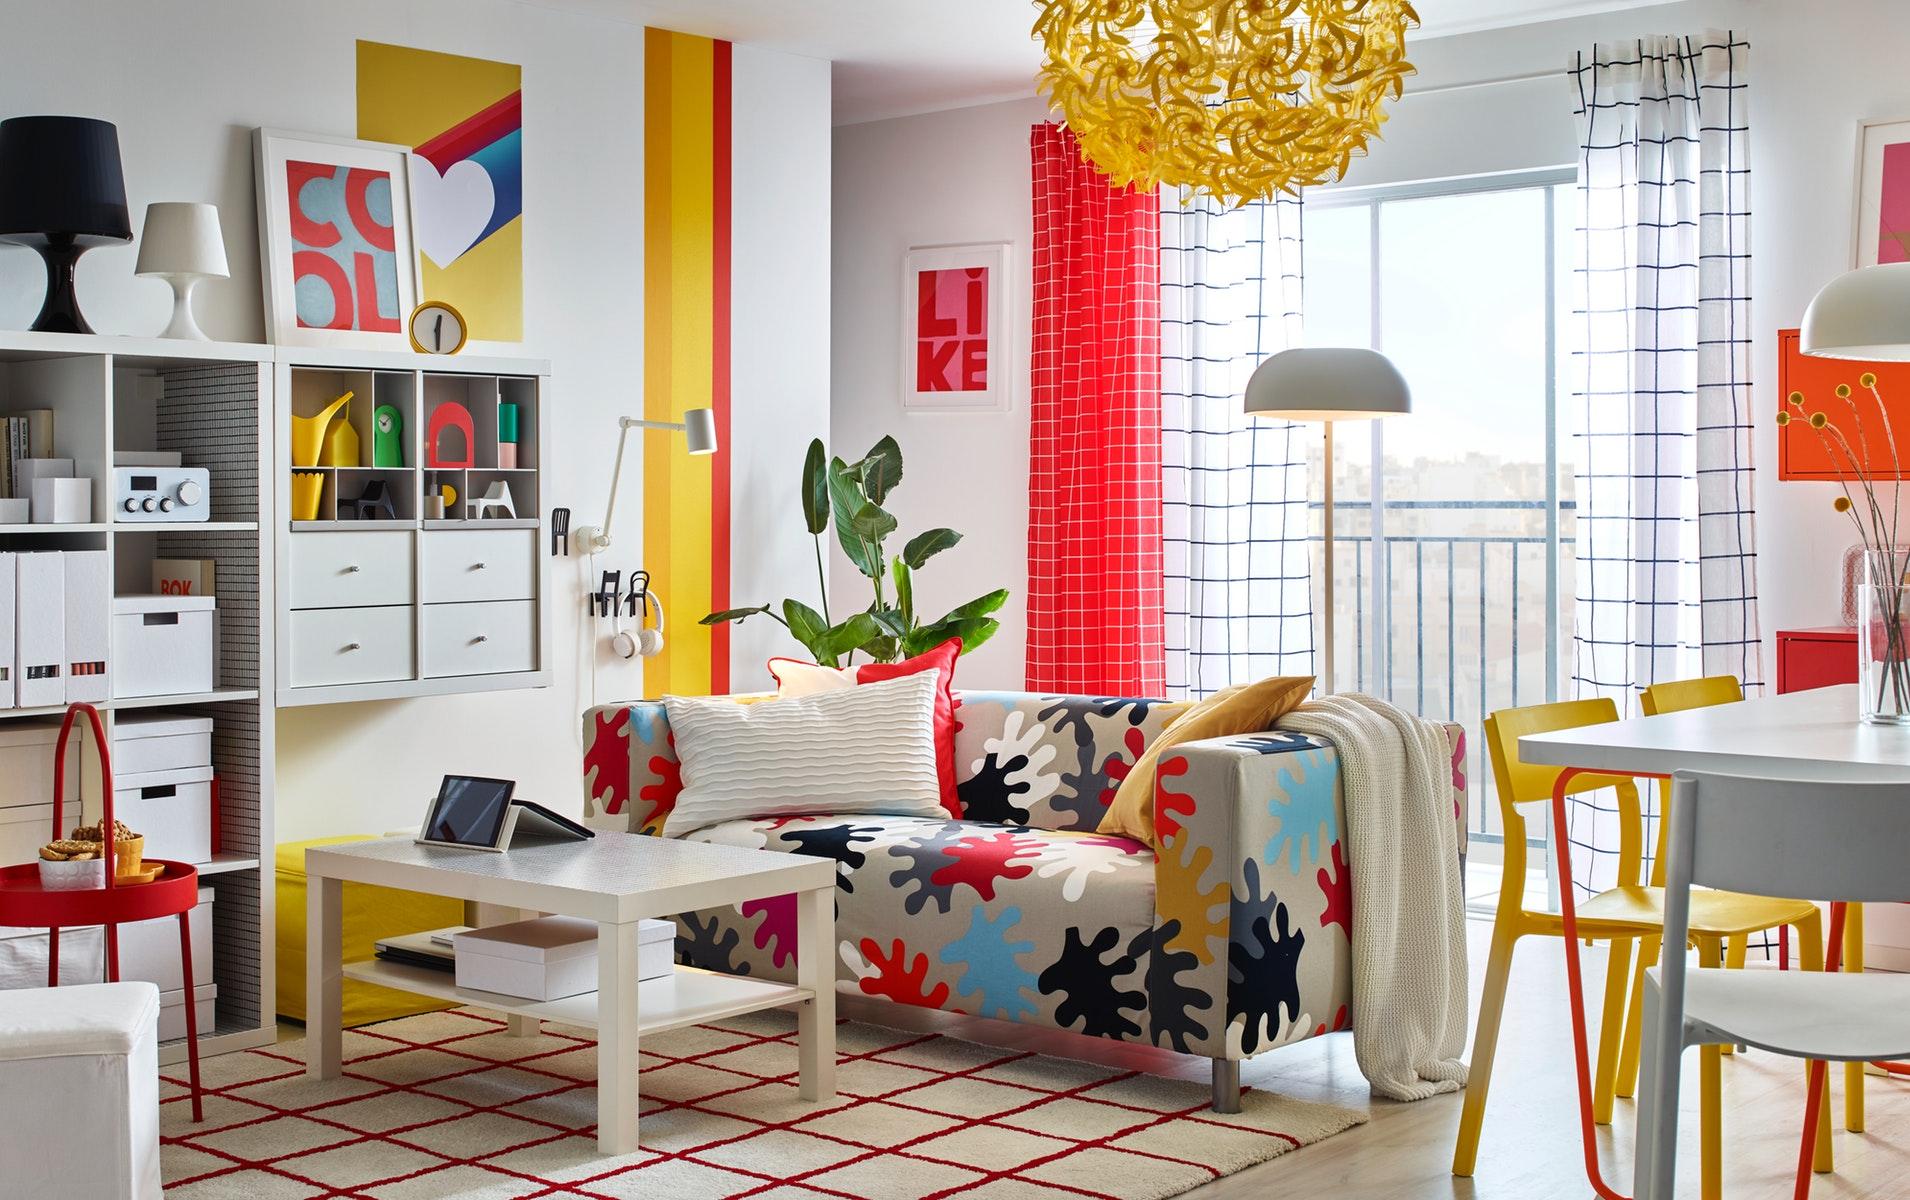 dekorasi pola warna warni di ruang tamu minimalis